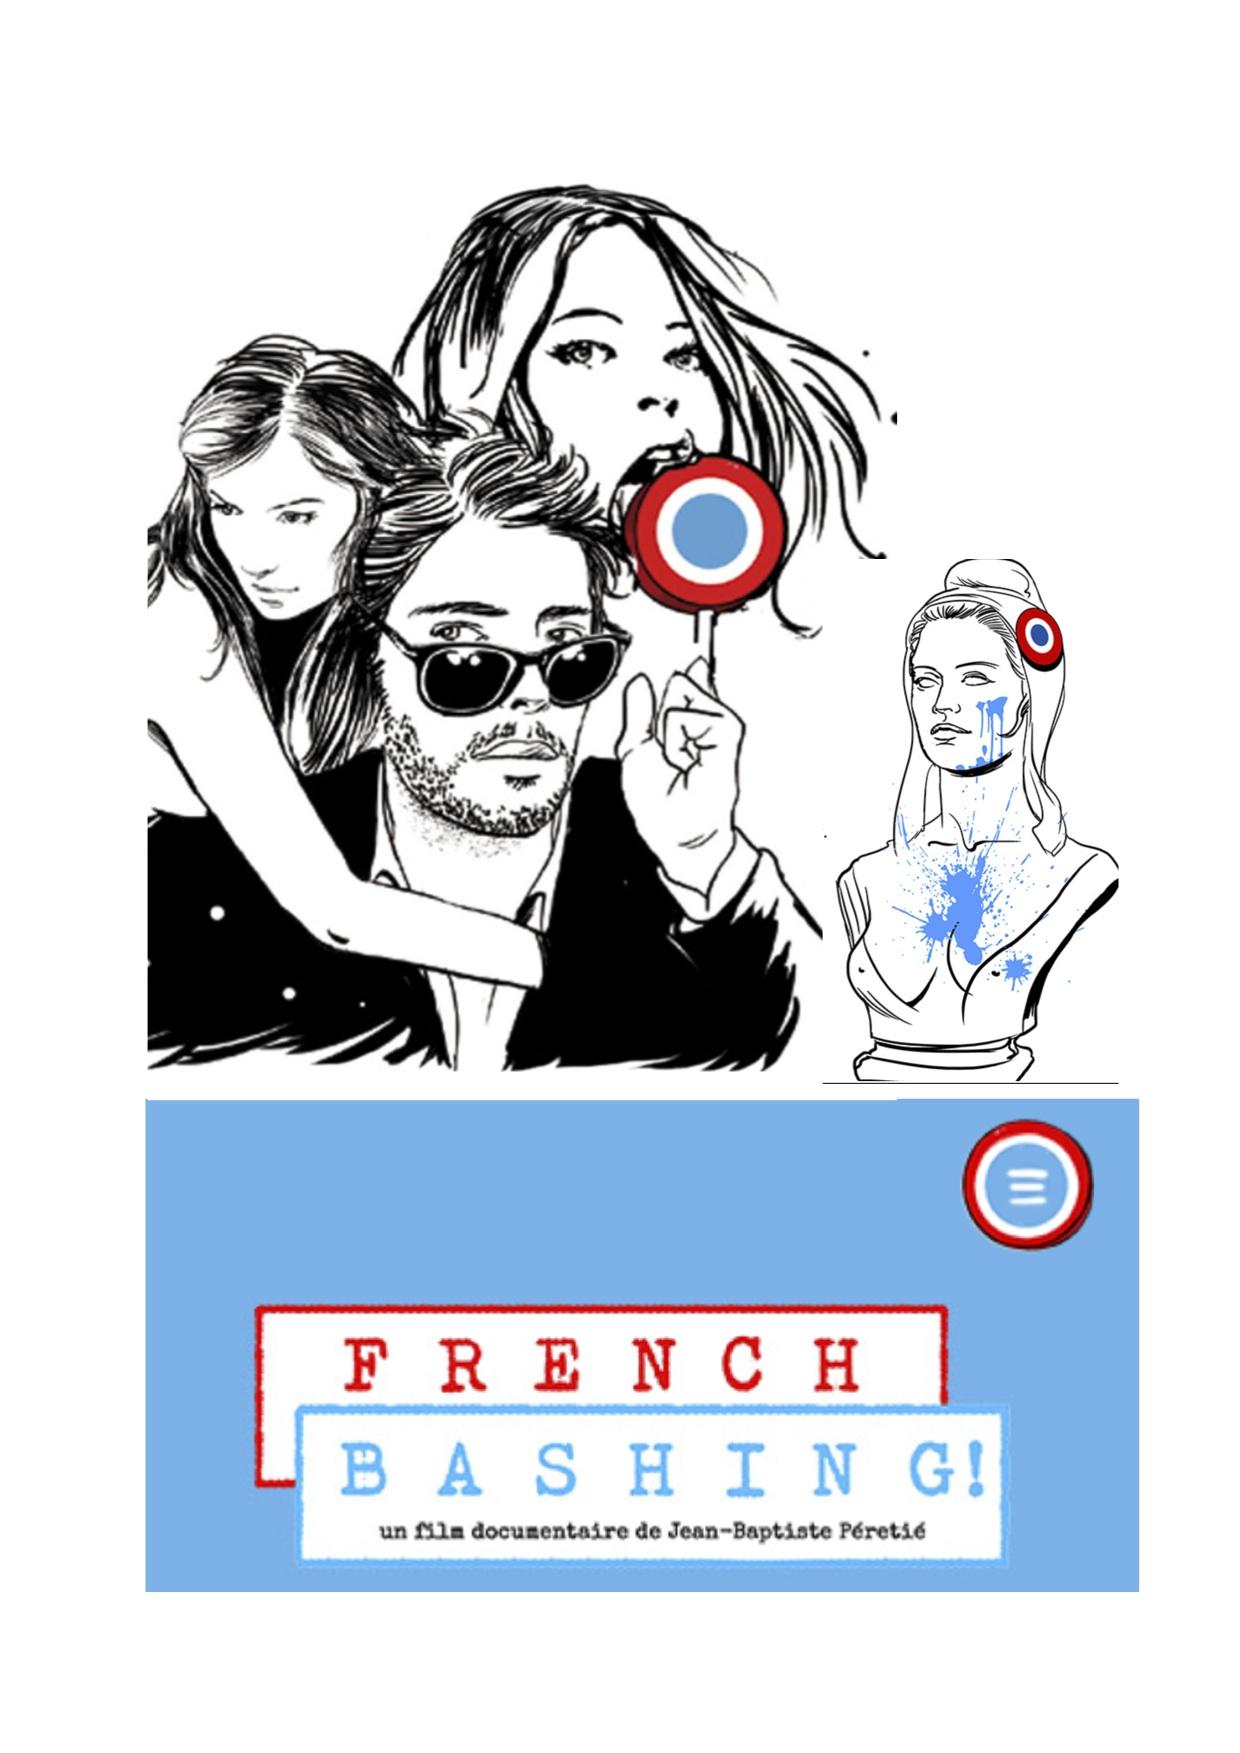 French Bashing - 09/09/15